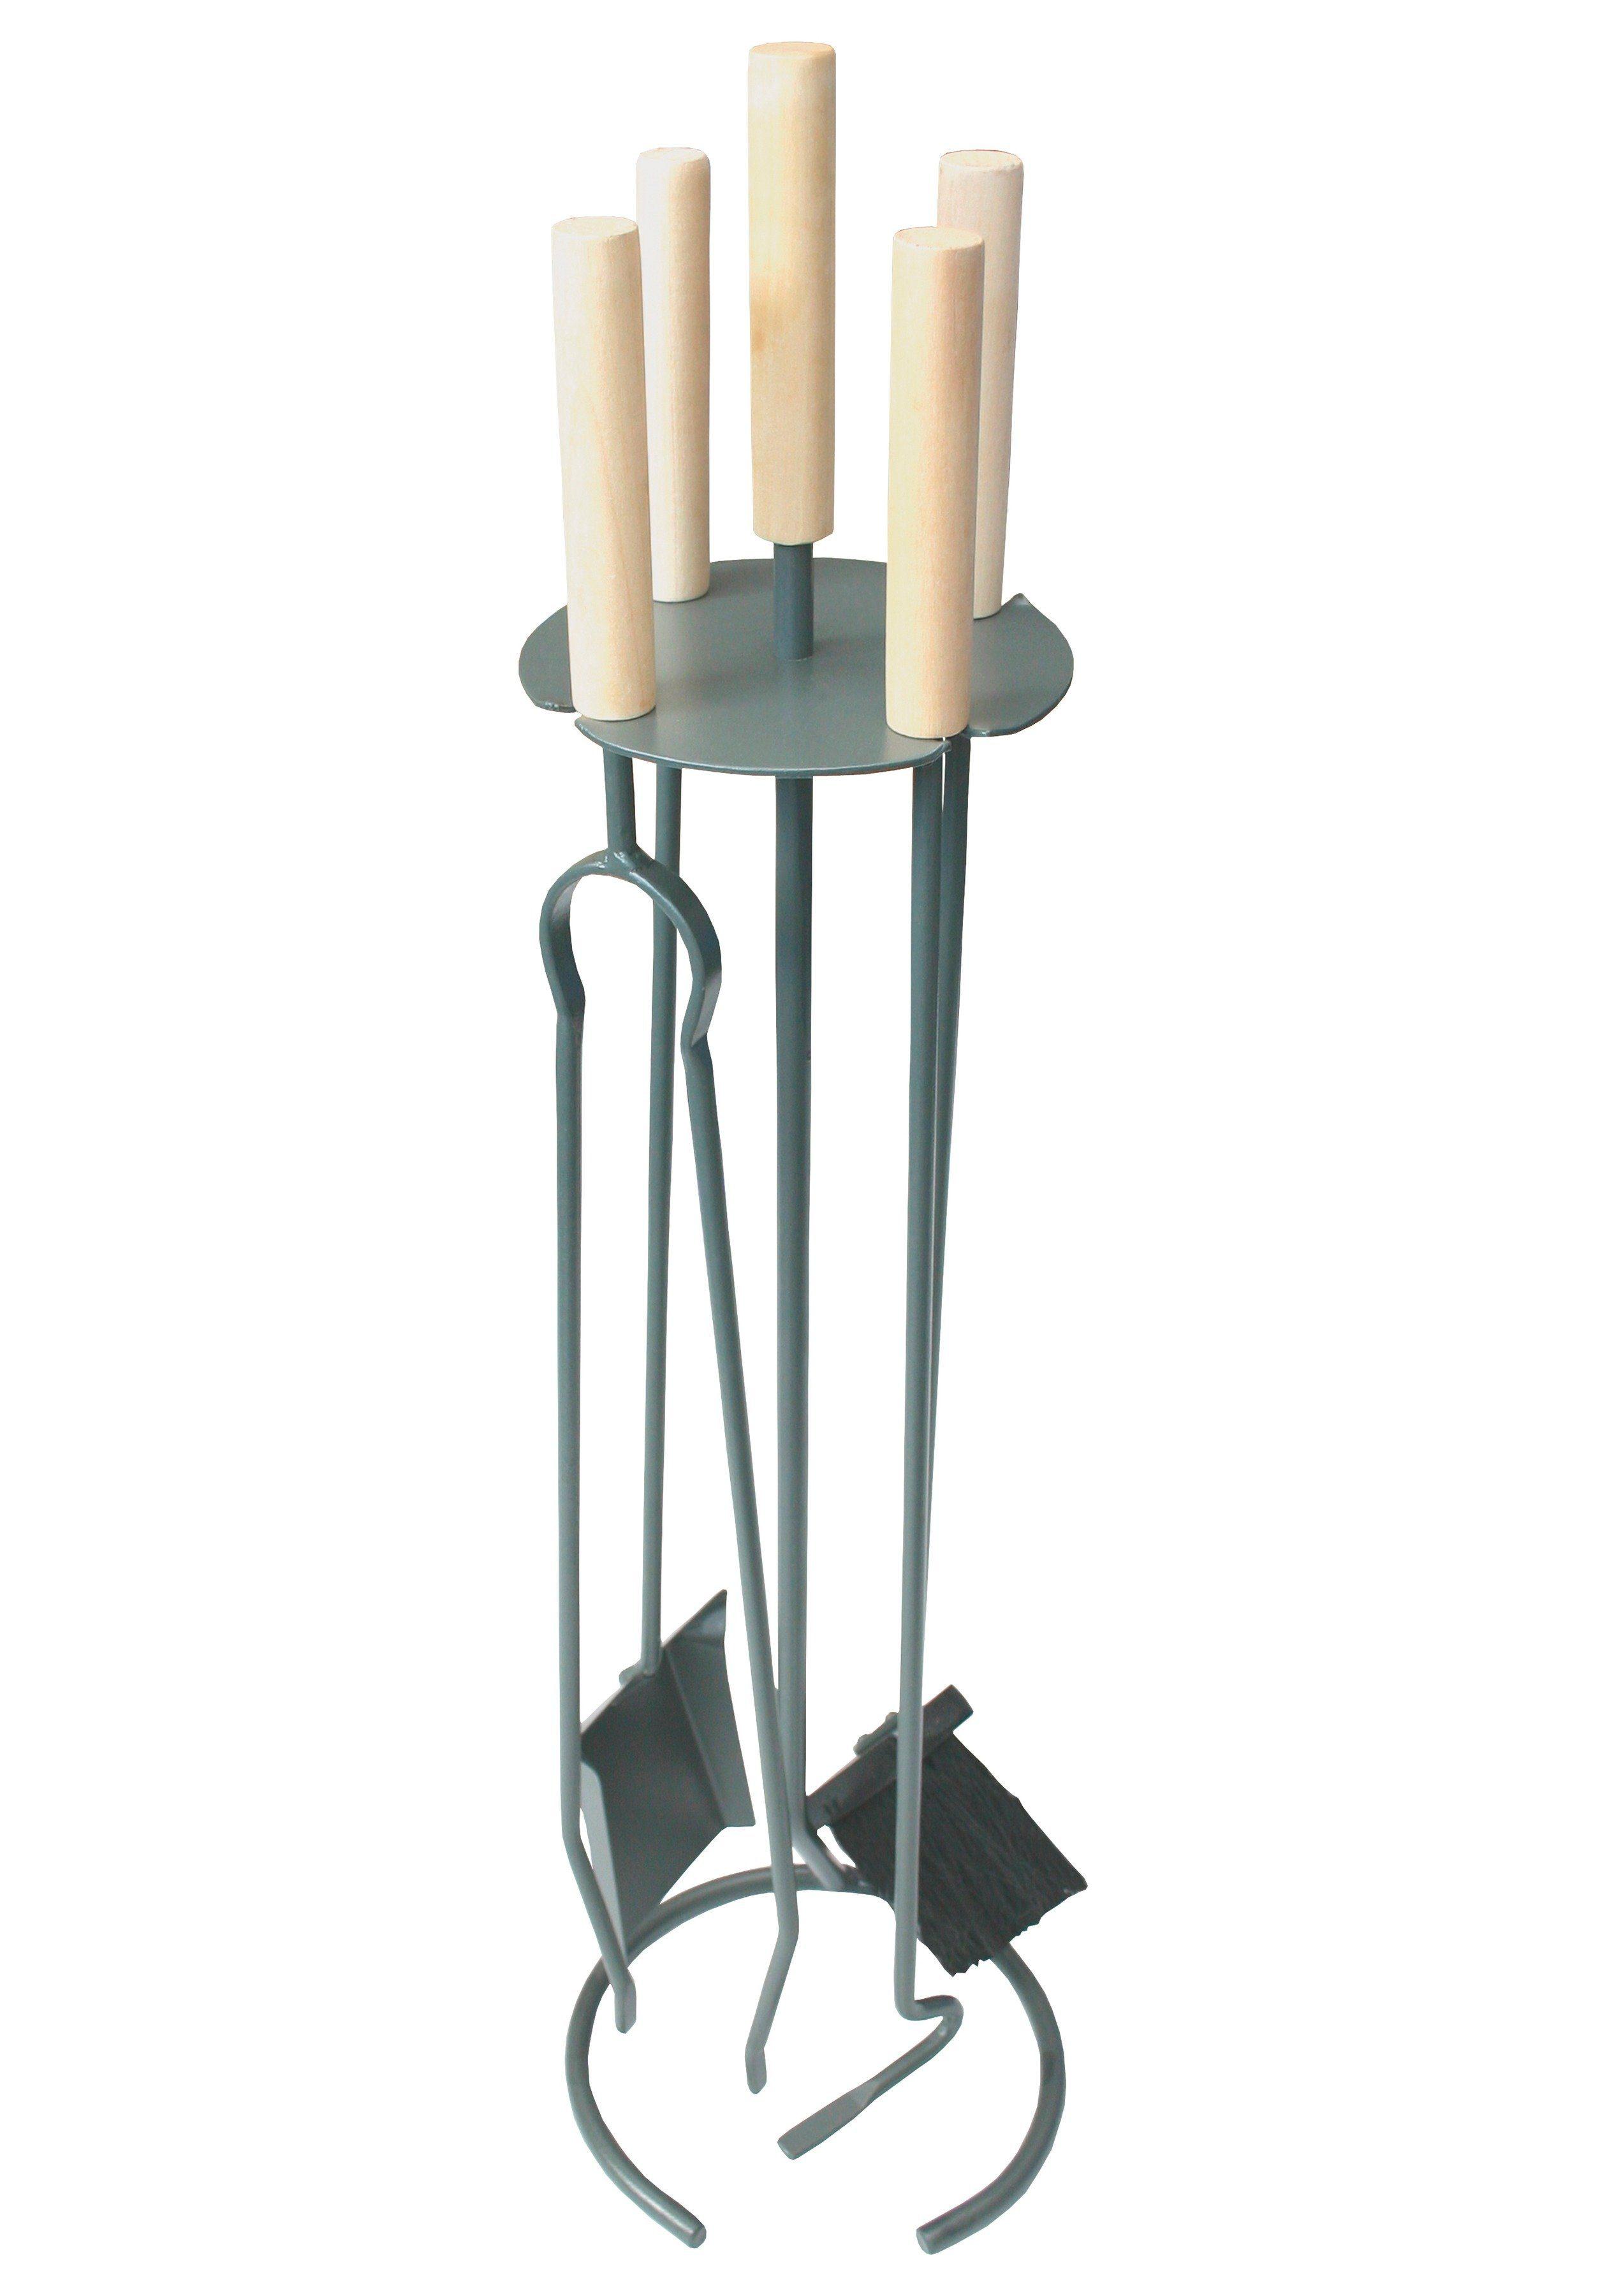 Südmetall Kaminbesteck »Eisen beschichtet«, Set 4 tlg., Griffe aus Holz